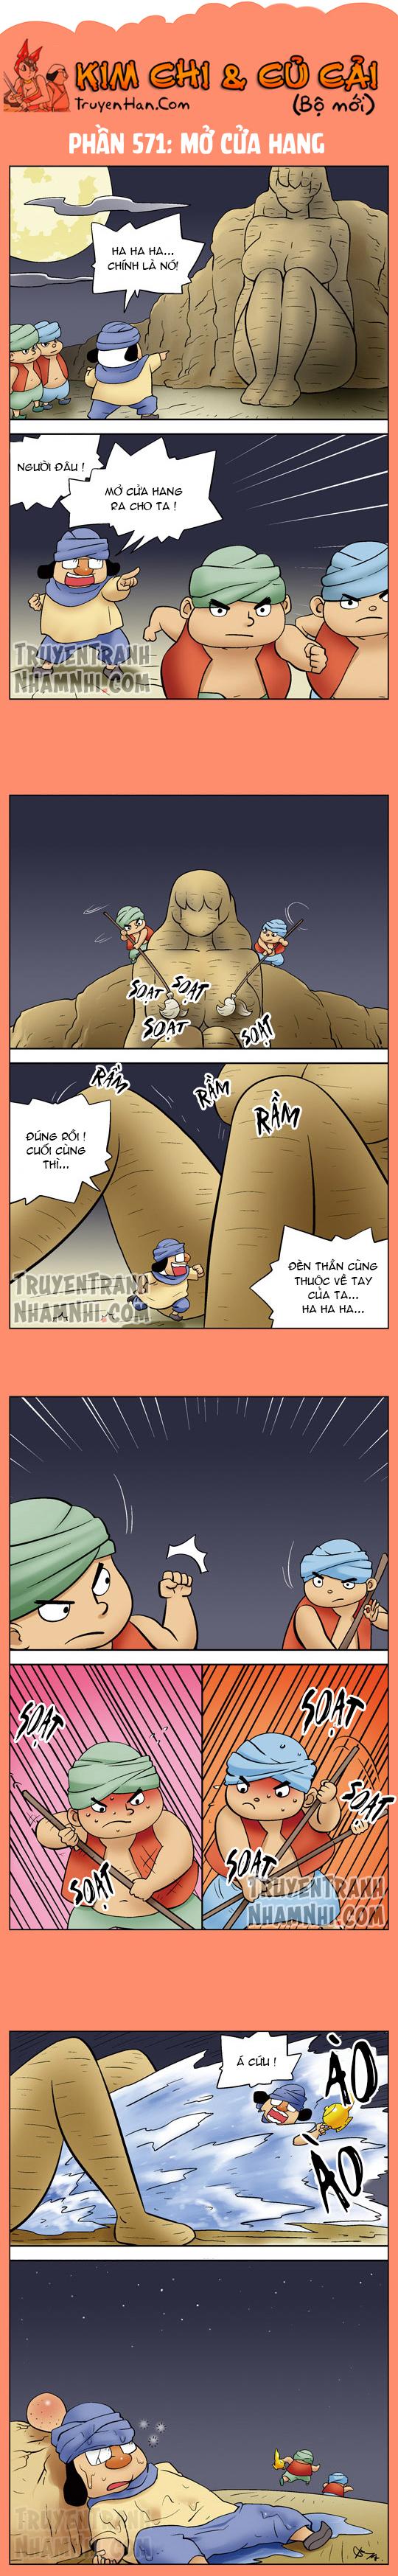 Kim Chi Và Củ Cải phần 571: Mở cửa hang